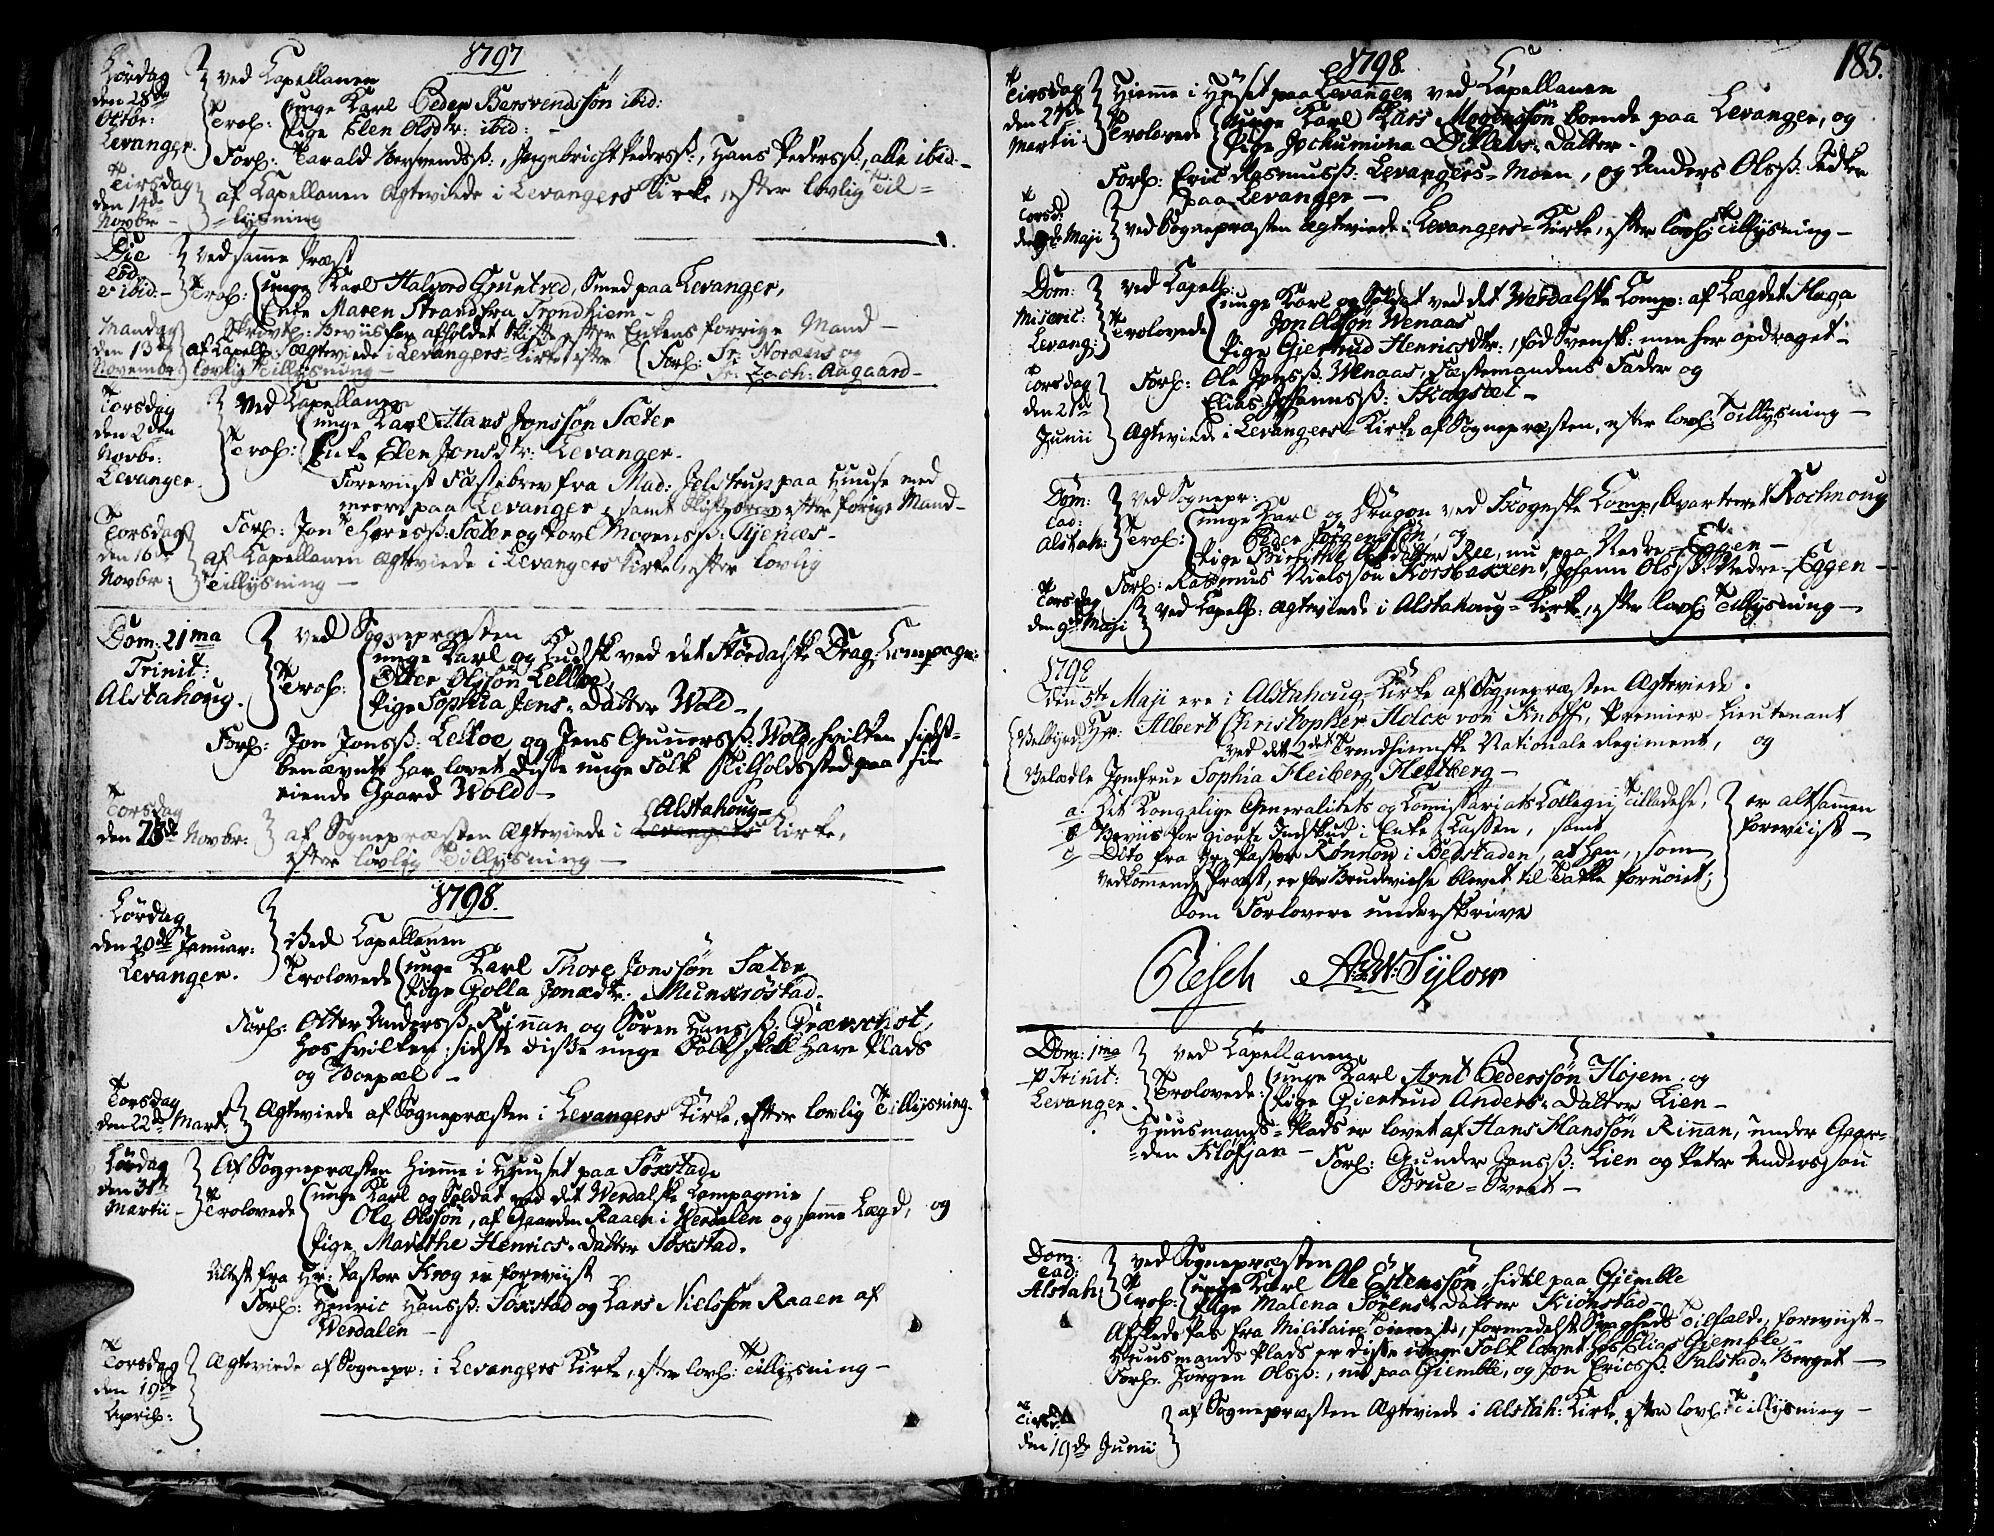 SAT, Ministerialprotokoller, klokkerbøker og fødselsregistre - Nord-Trøndelag, 717/L0142: Ministerialbok nr. 717A02 /1, 1783-1809, s. 185